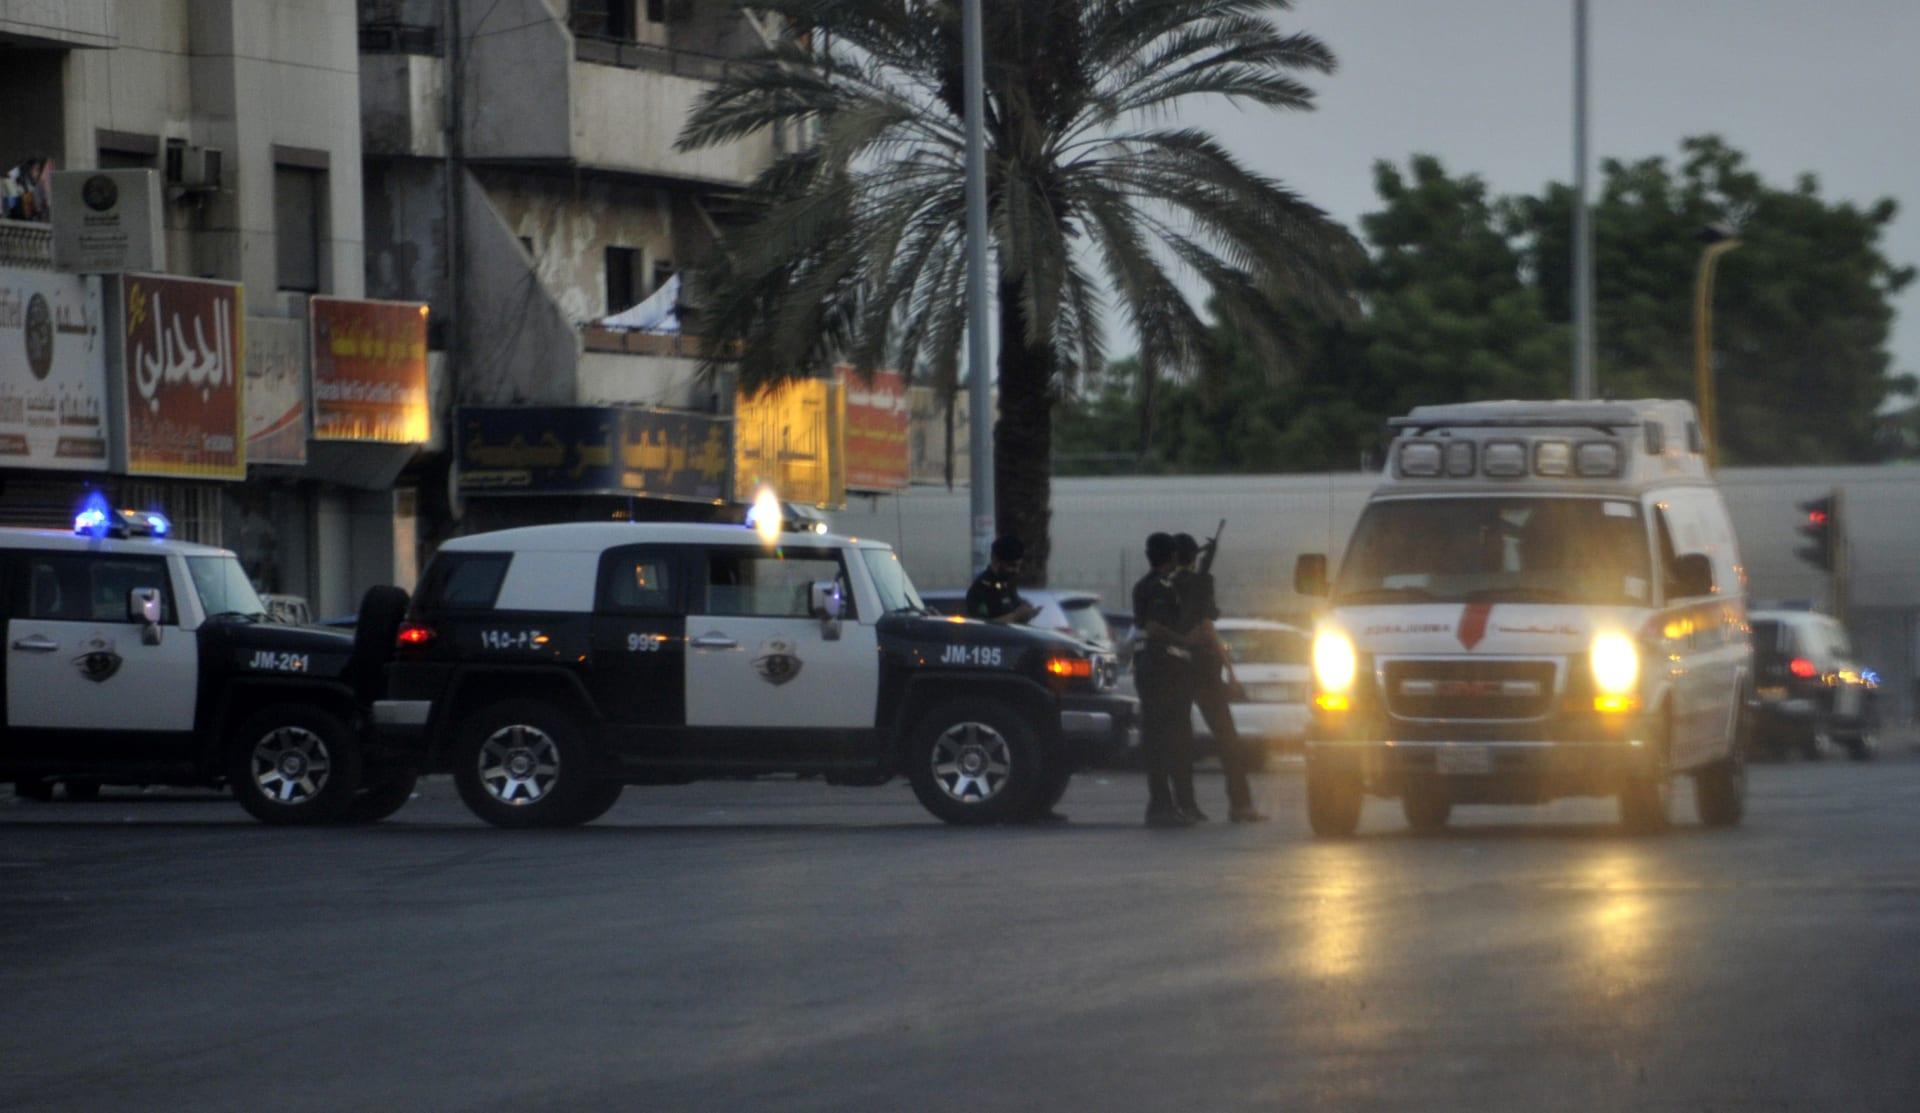 السعودية.. القبض على رجل ضرب زوجته بحجر ودهسها بالسيارة حتى الموت